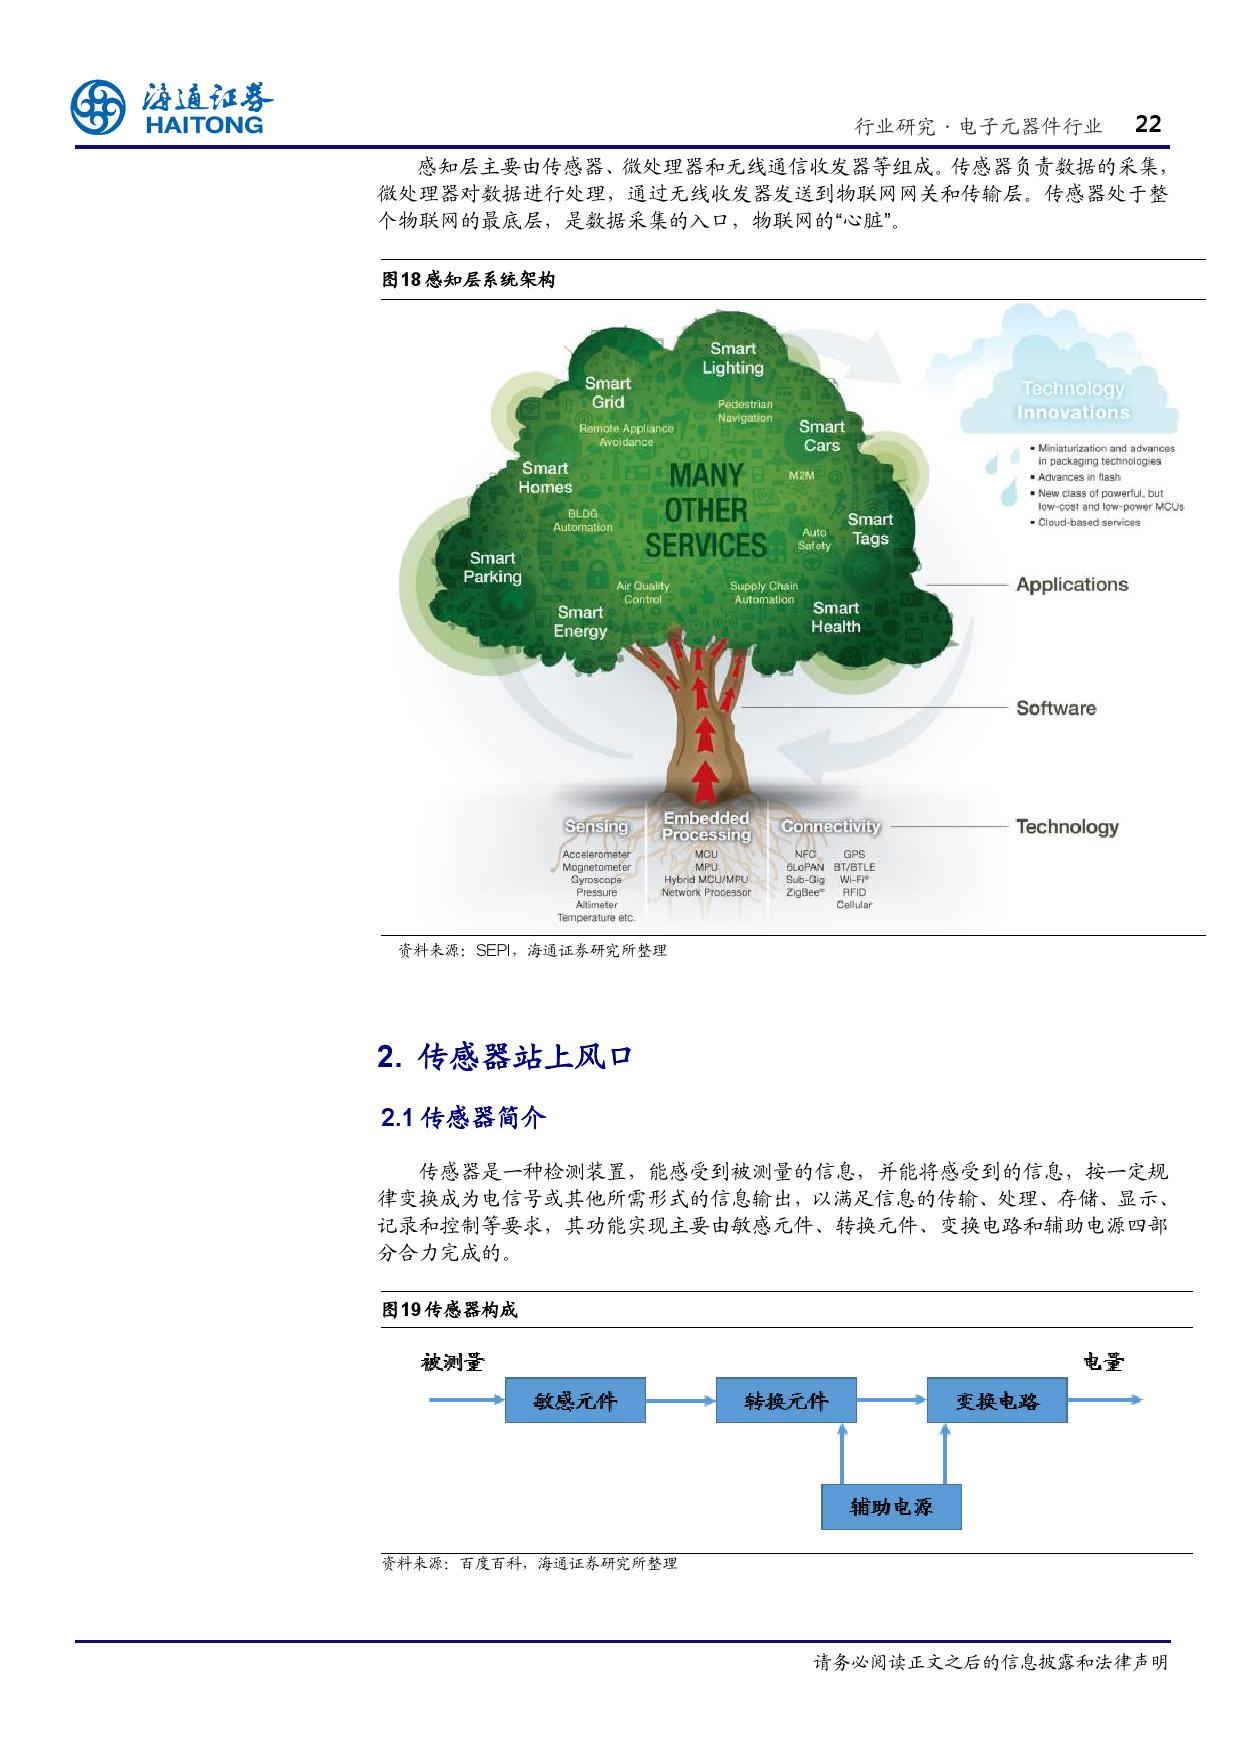 报告全解传感器全球产业链_000022